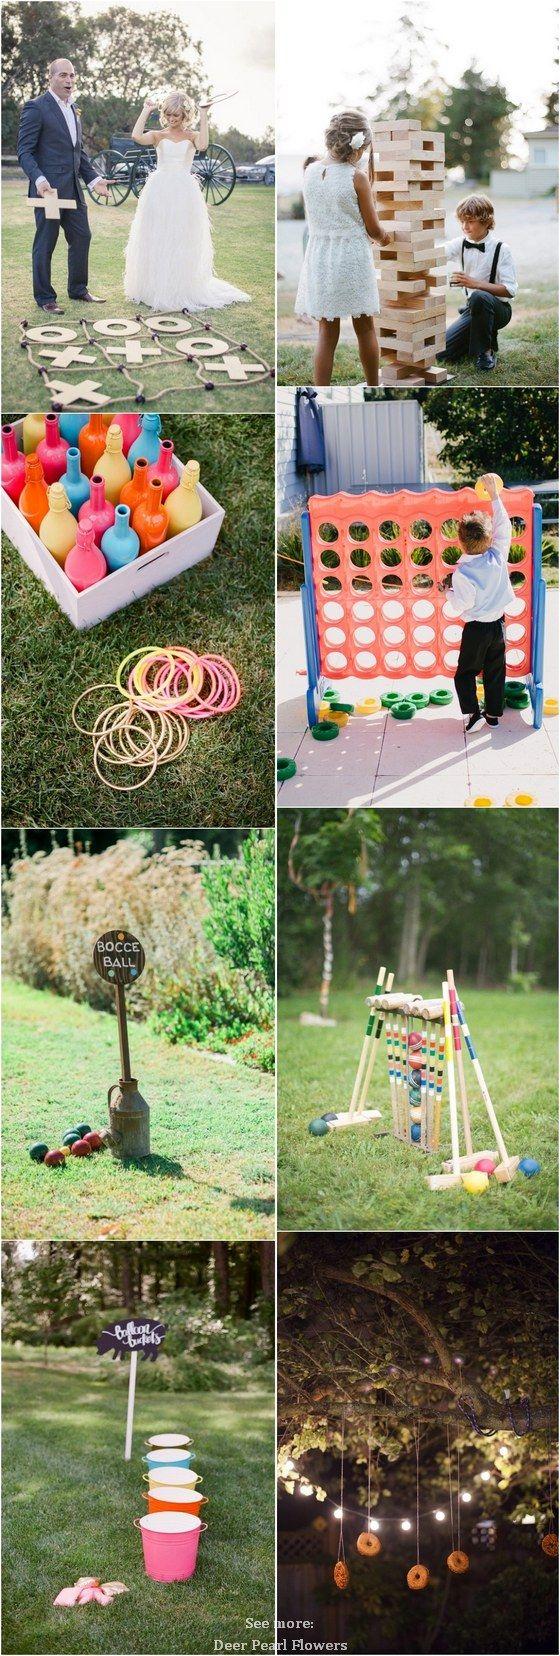 outdoor games, reception games, reception, fun, wedding fun, wedding, bride, groom, guests